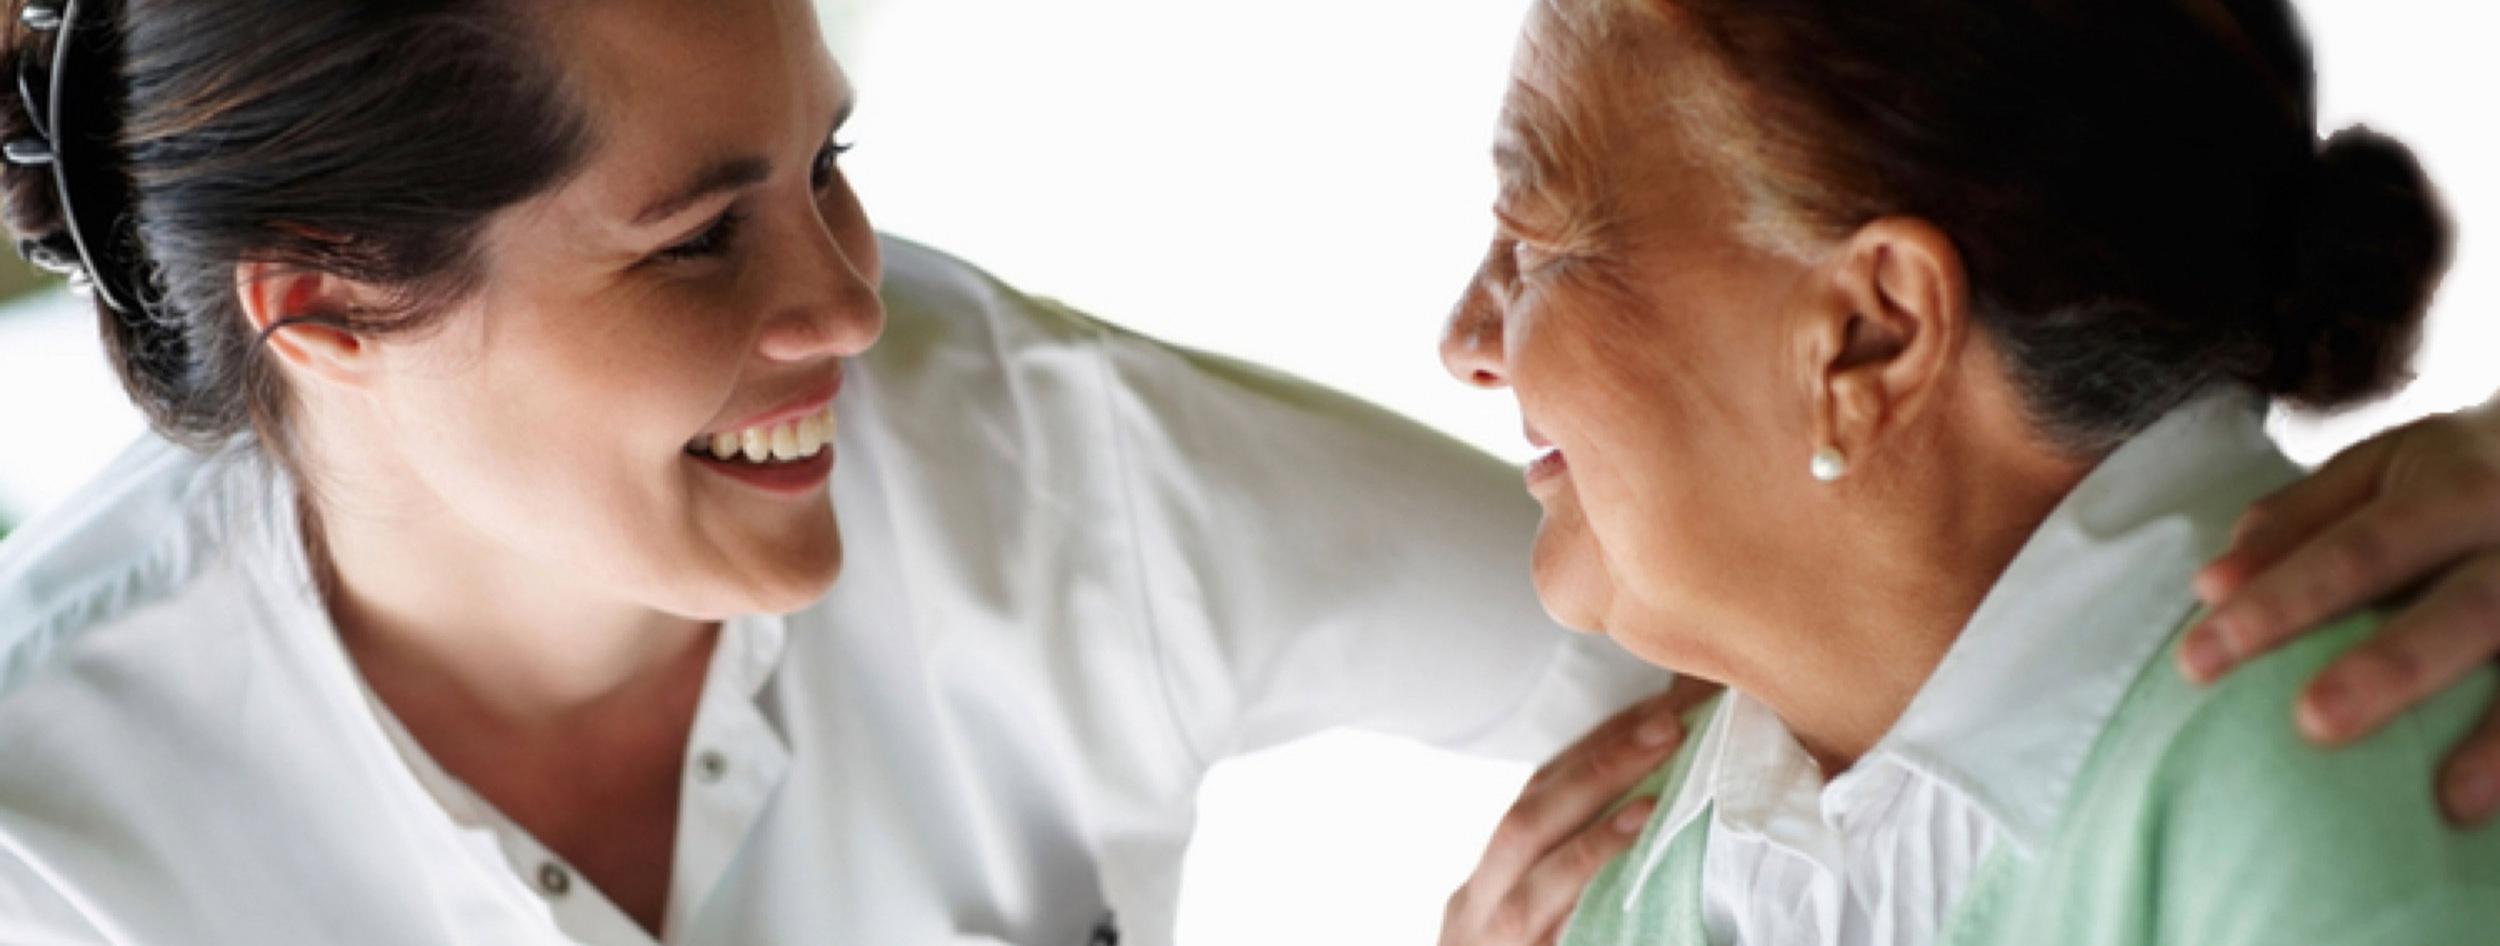 Cuidadora+enfermera+adultos+mayores